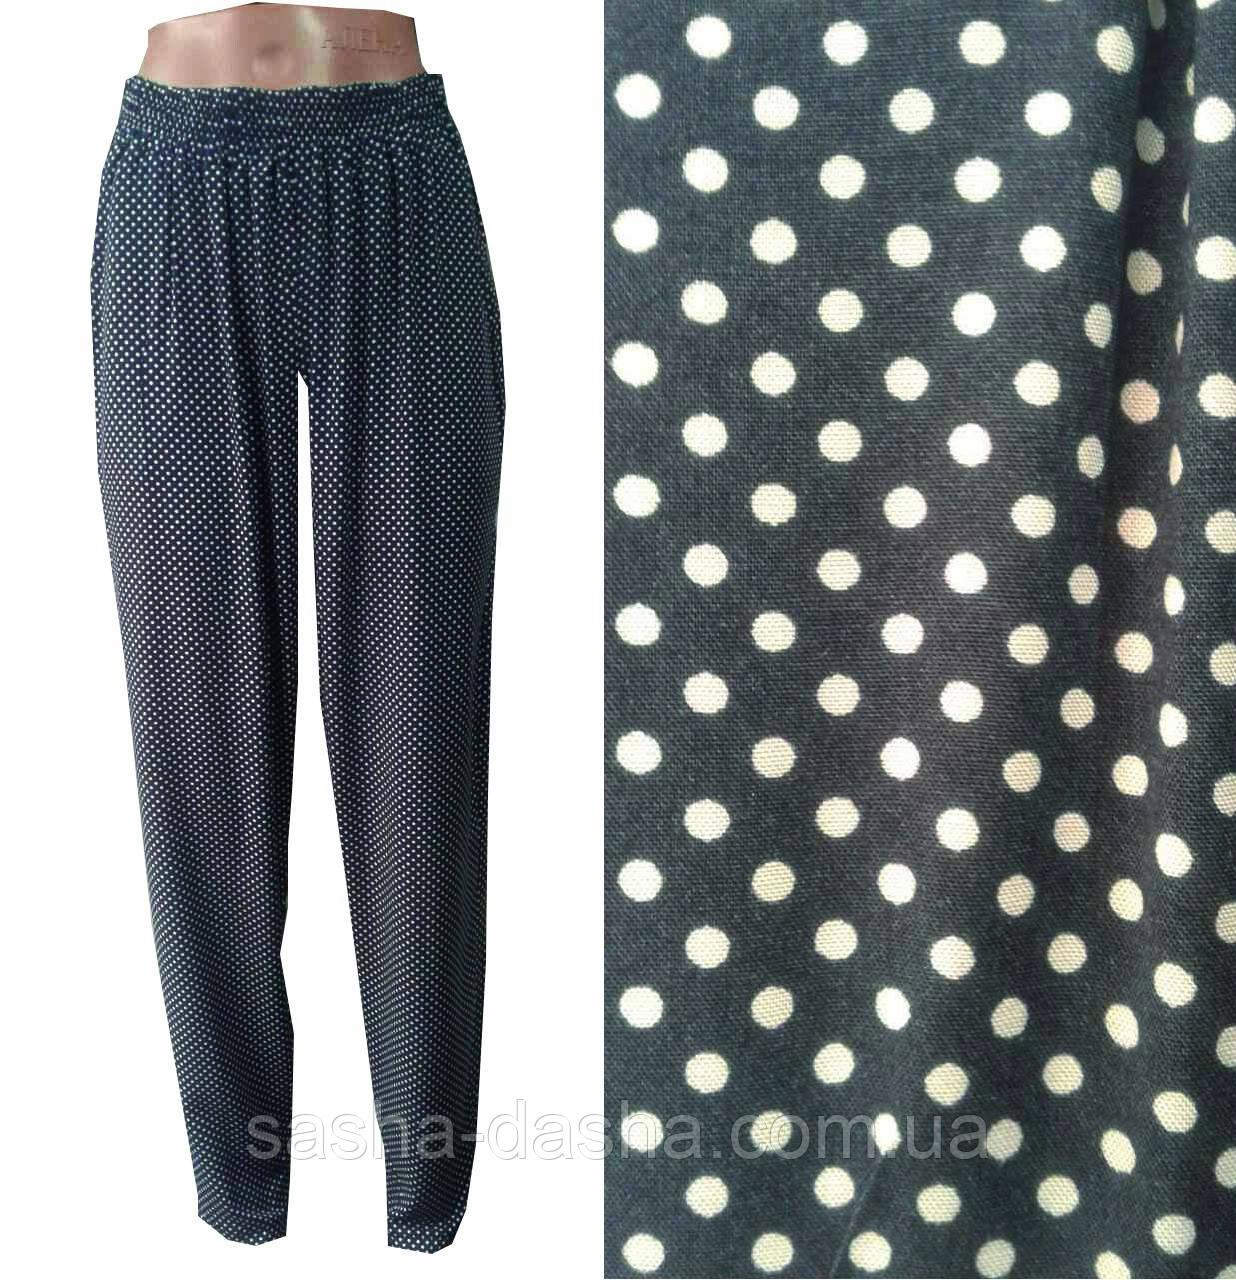 c6cd4e4204c5 Летние брюки женские больших размеров. Свободные бананы.